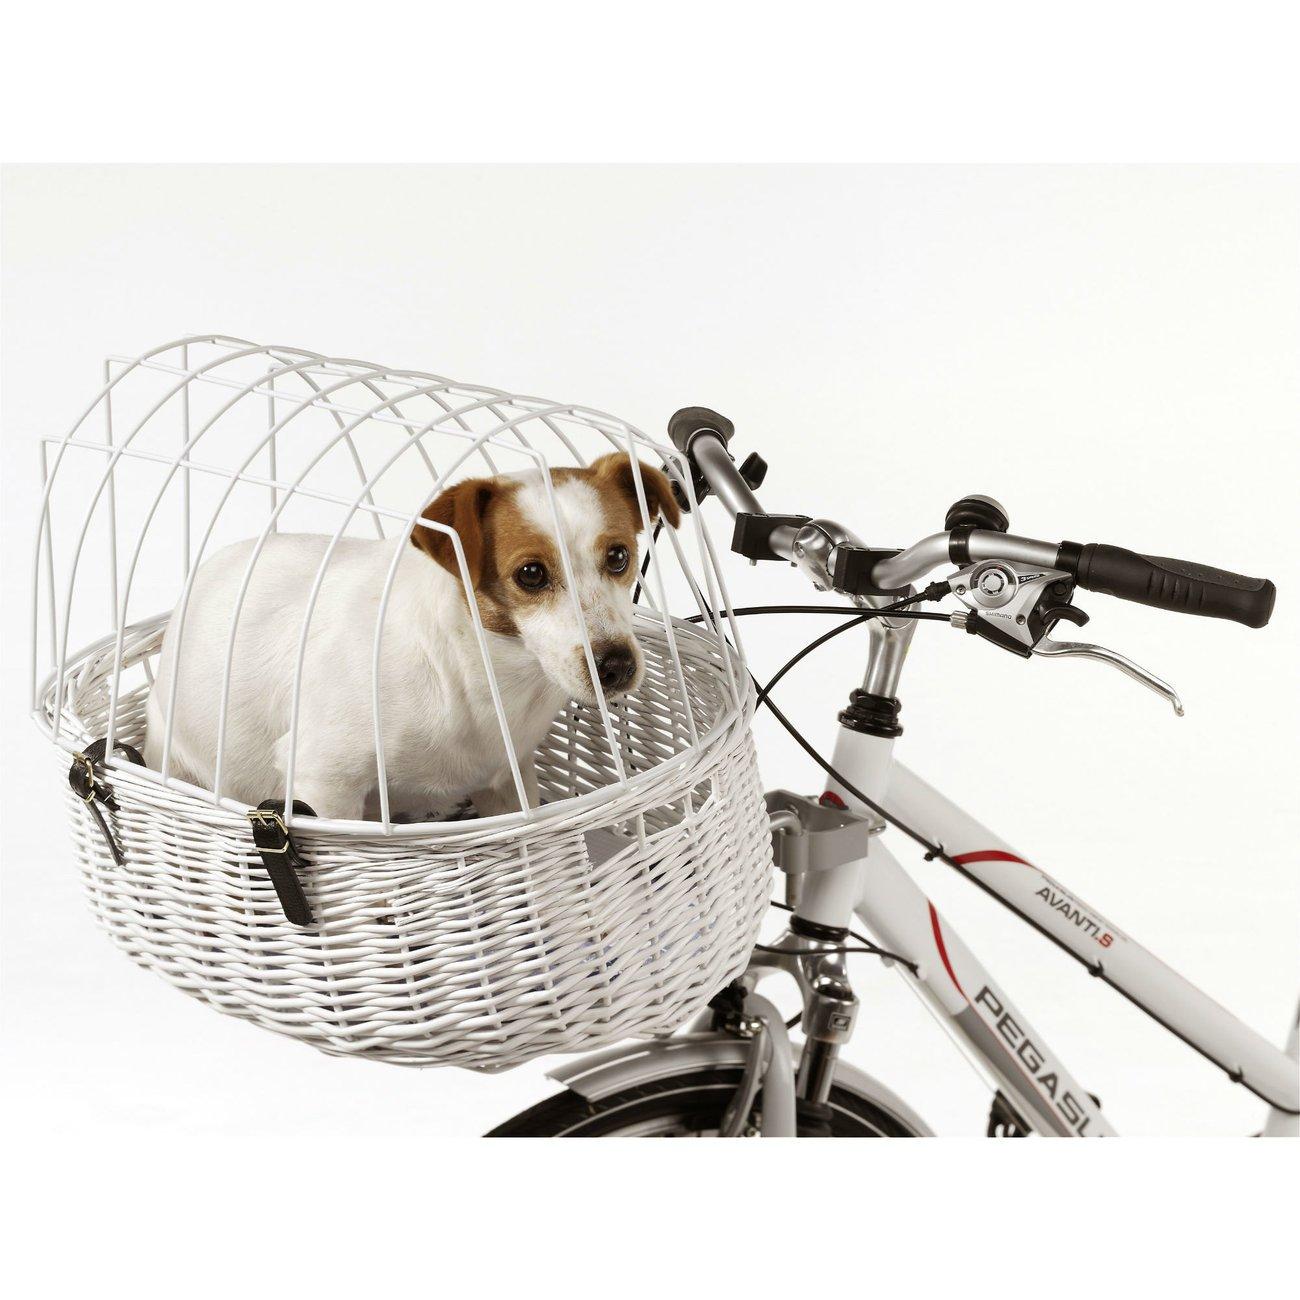 Aumüller Fahrradkorb für Hunde weiß, L 52 cm x B 38 cm x H 18/40 cm, bis 12kg